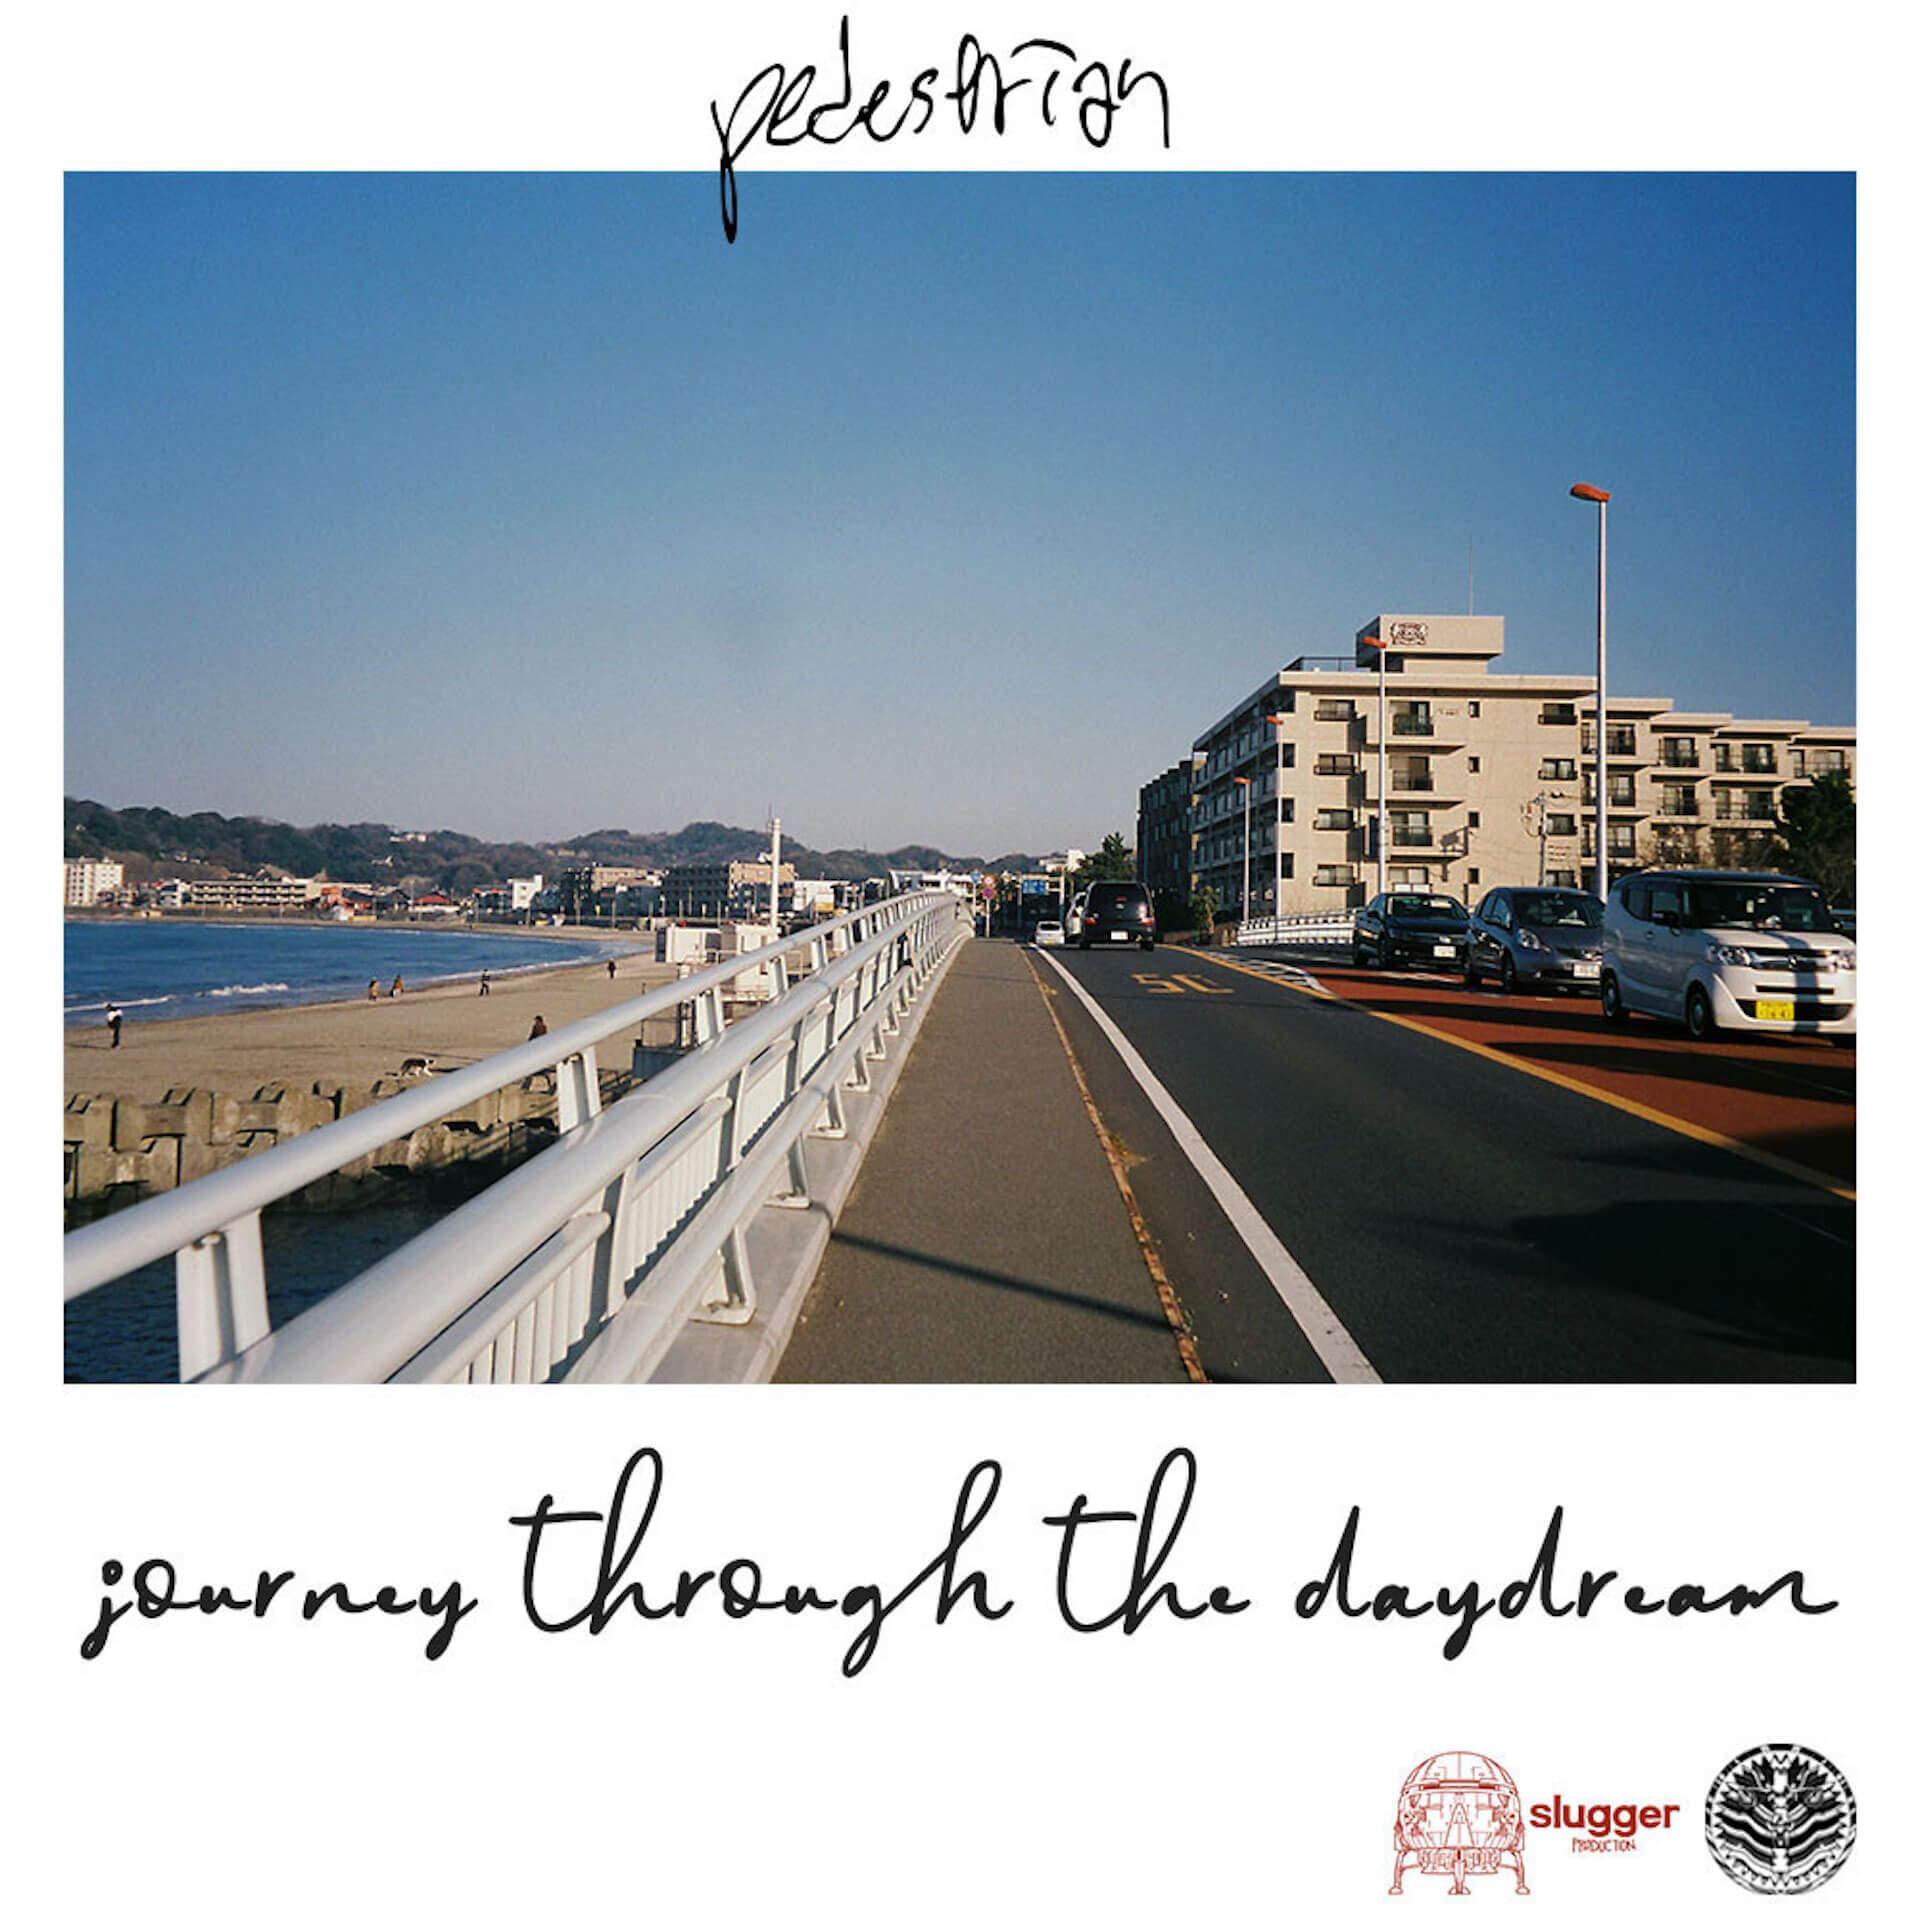 リベラル a.k.a 岩間俊樹、maco marets、Eminataらのコラボレーターpedestrianが15曲入りの『Journey thought the daydream』をフリーで公開 music200426-pedestrian-2